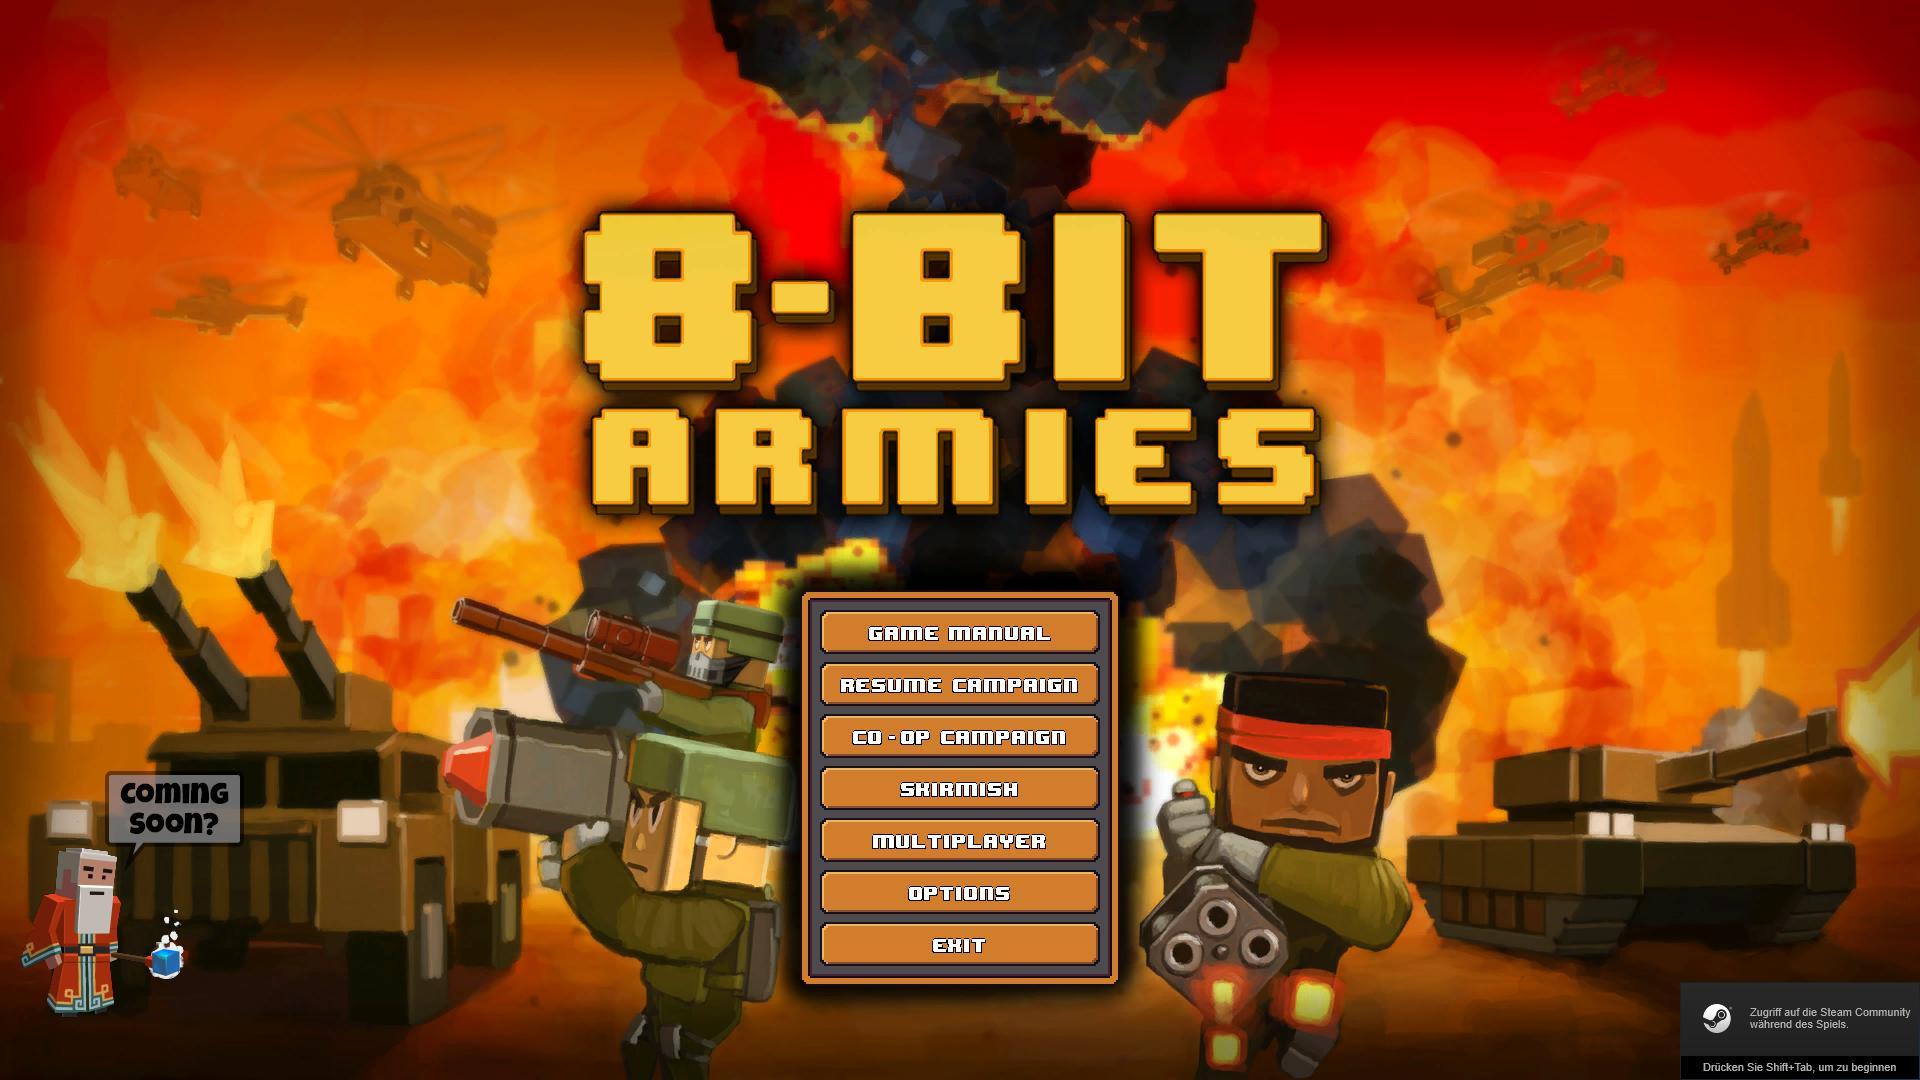 8-Bit Armies – Beta PC Review